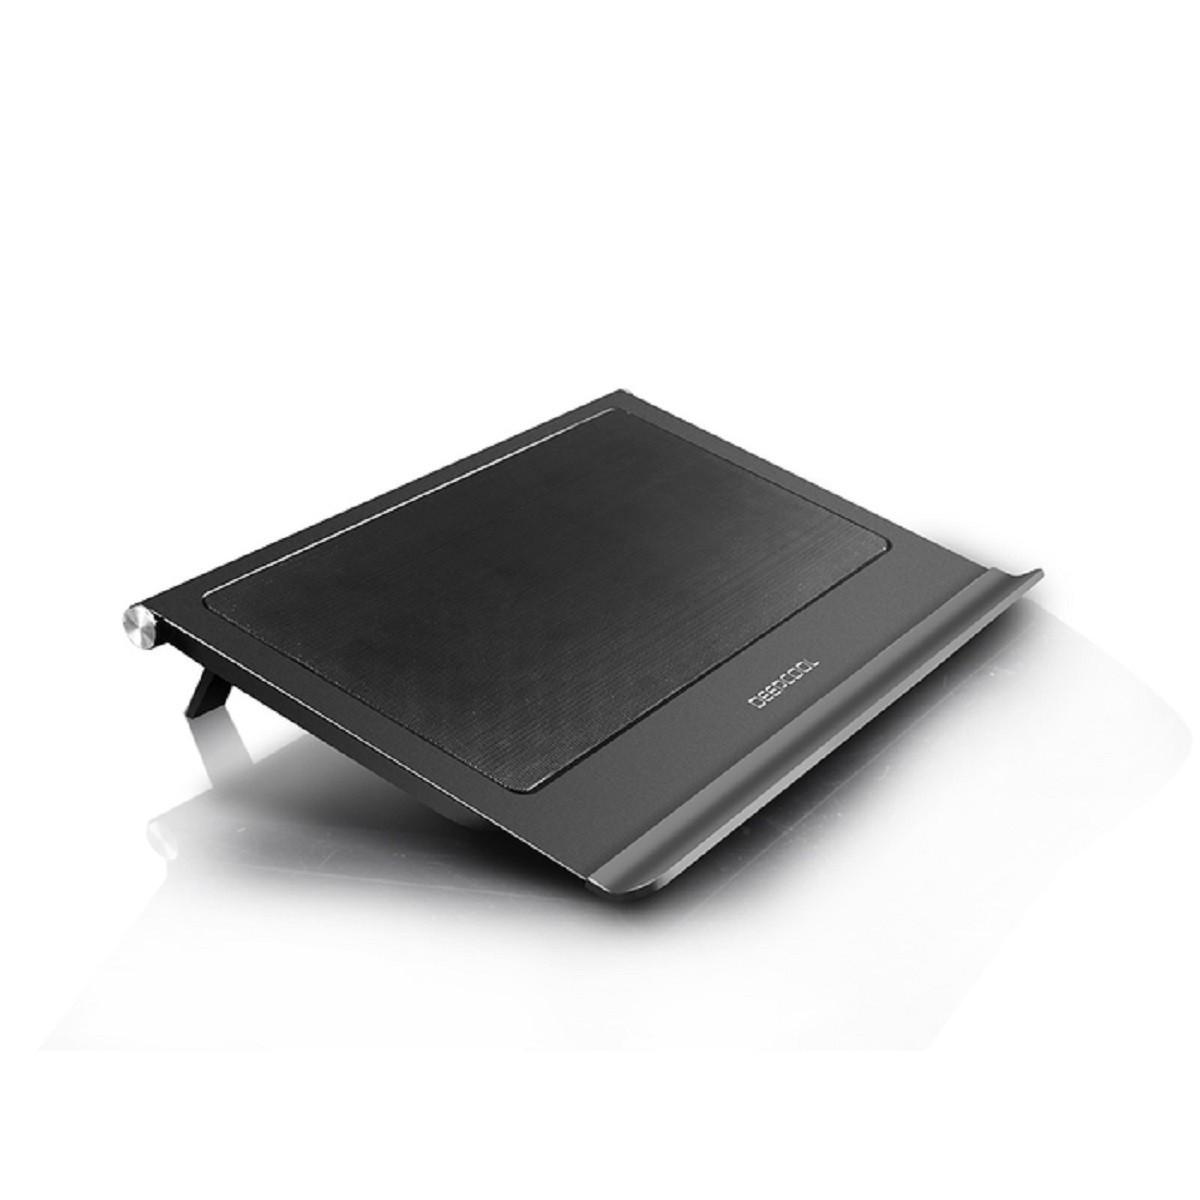 """Βάση Στήριξης Αλουμινίου Για Laptop έως 17,3"""" Με 2*140mm Ανεμιστήρες N65 image"""